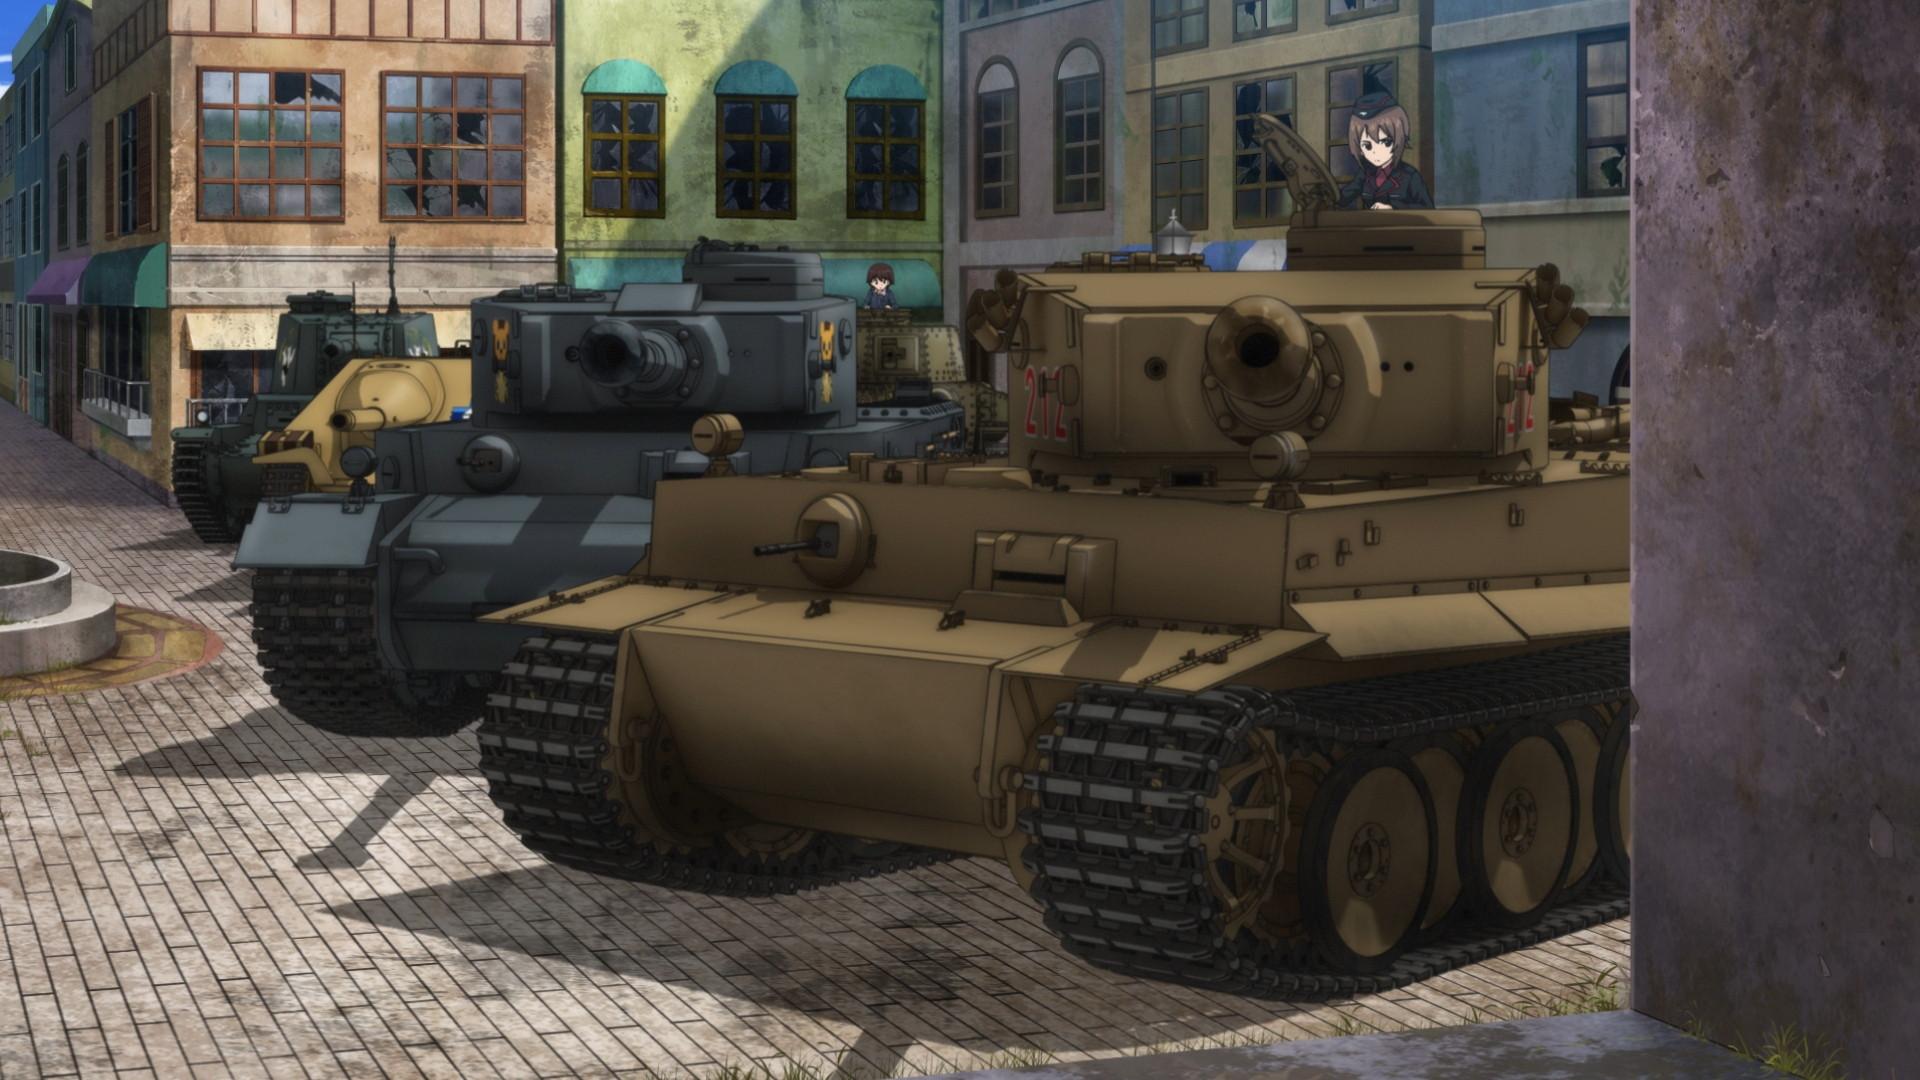 画像 ガルパン Wot連載 第14回 マニアにはたまらない一品です ポルシェティーガー を Wot で動かす ガールズ パンツァー 好きなら World Of Tanks に来い 9 24 Game Watch